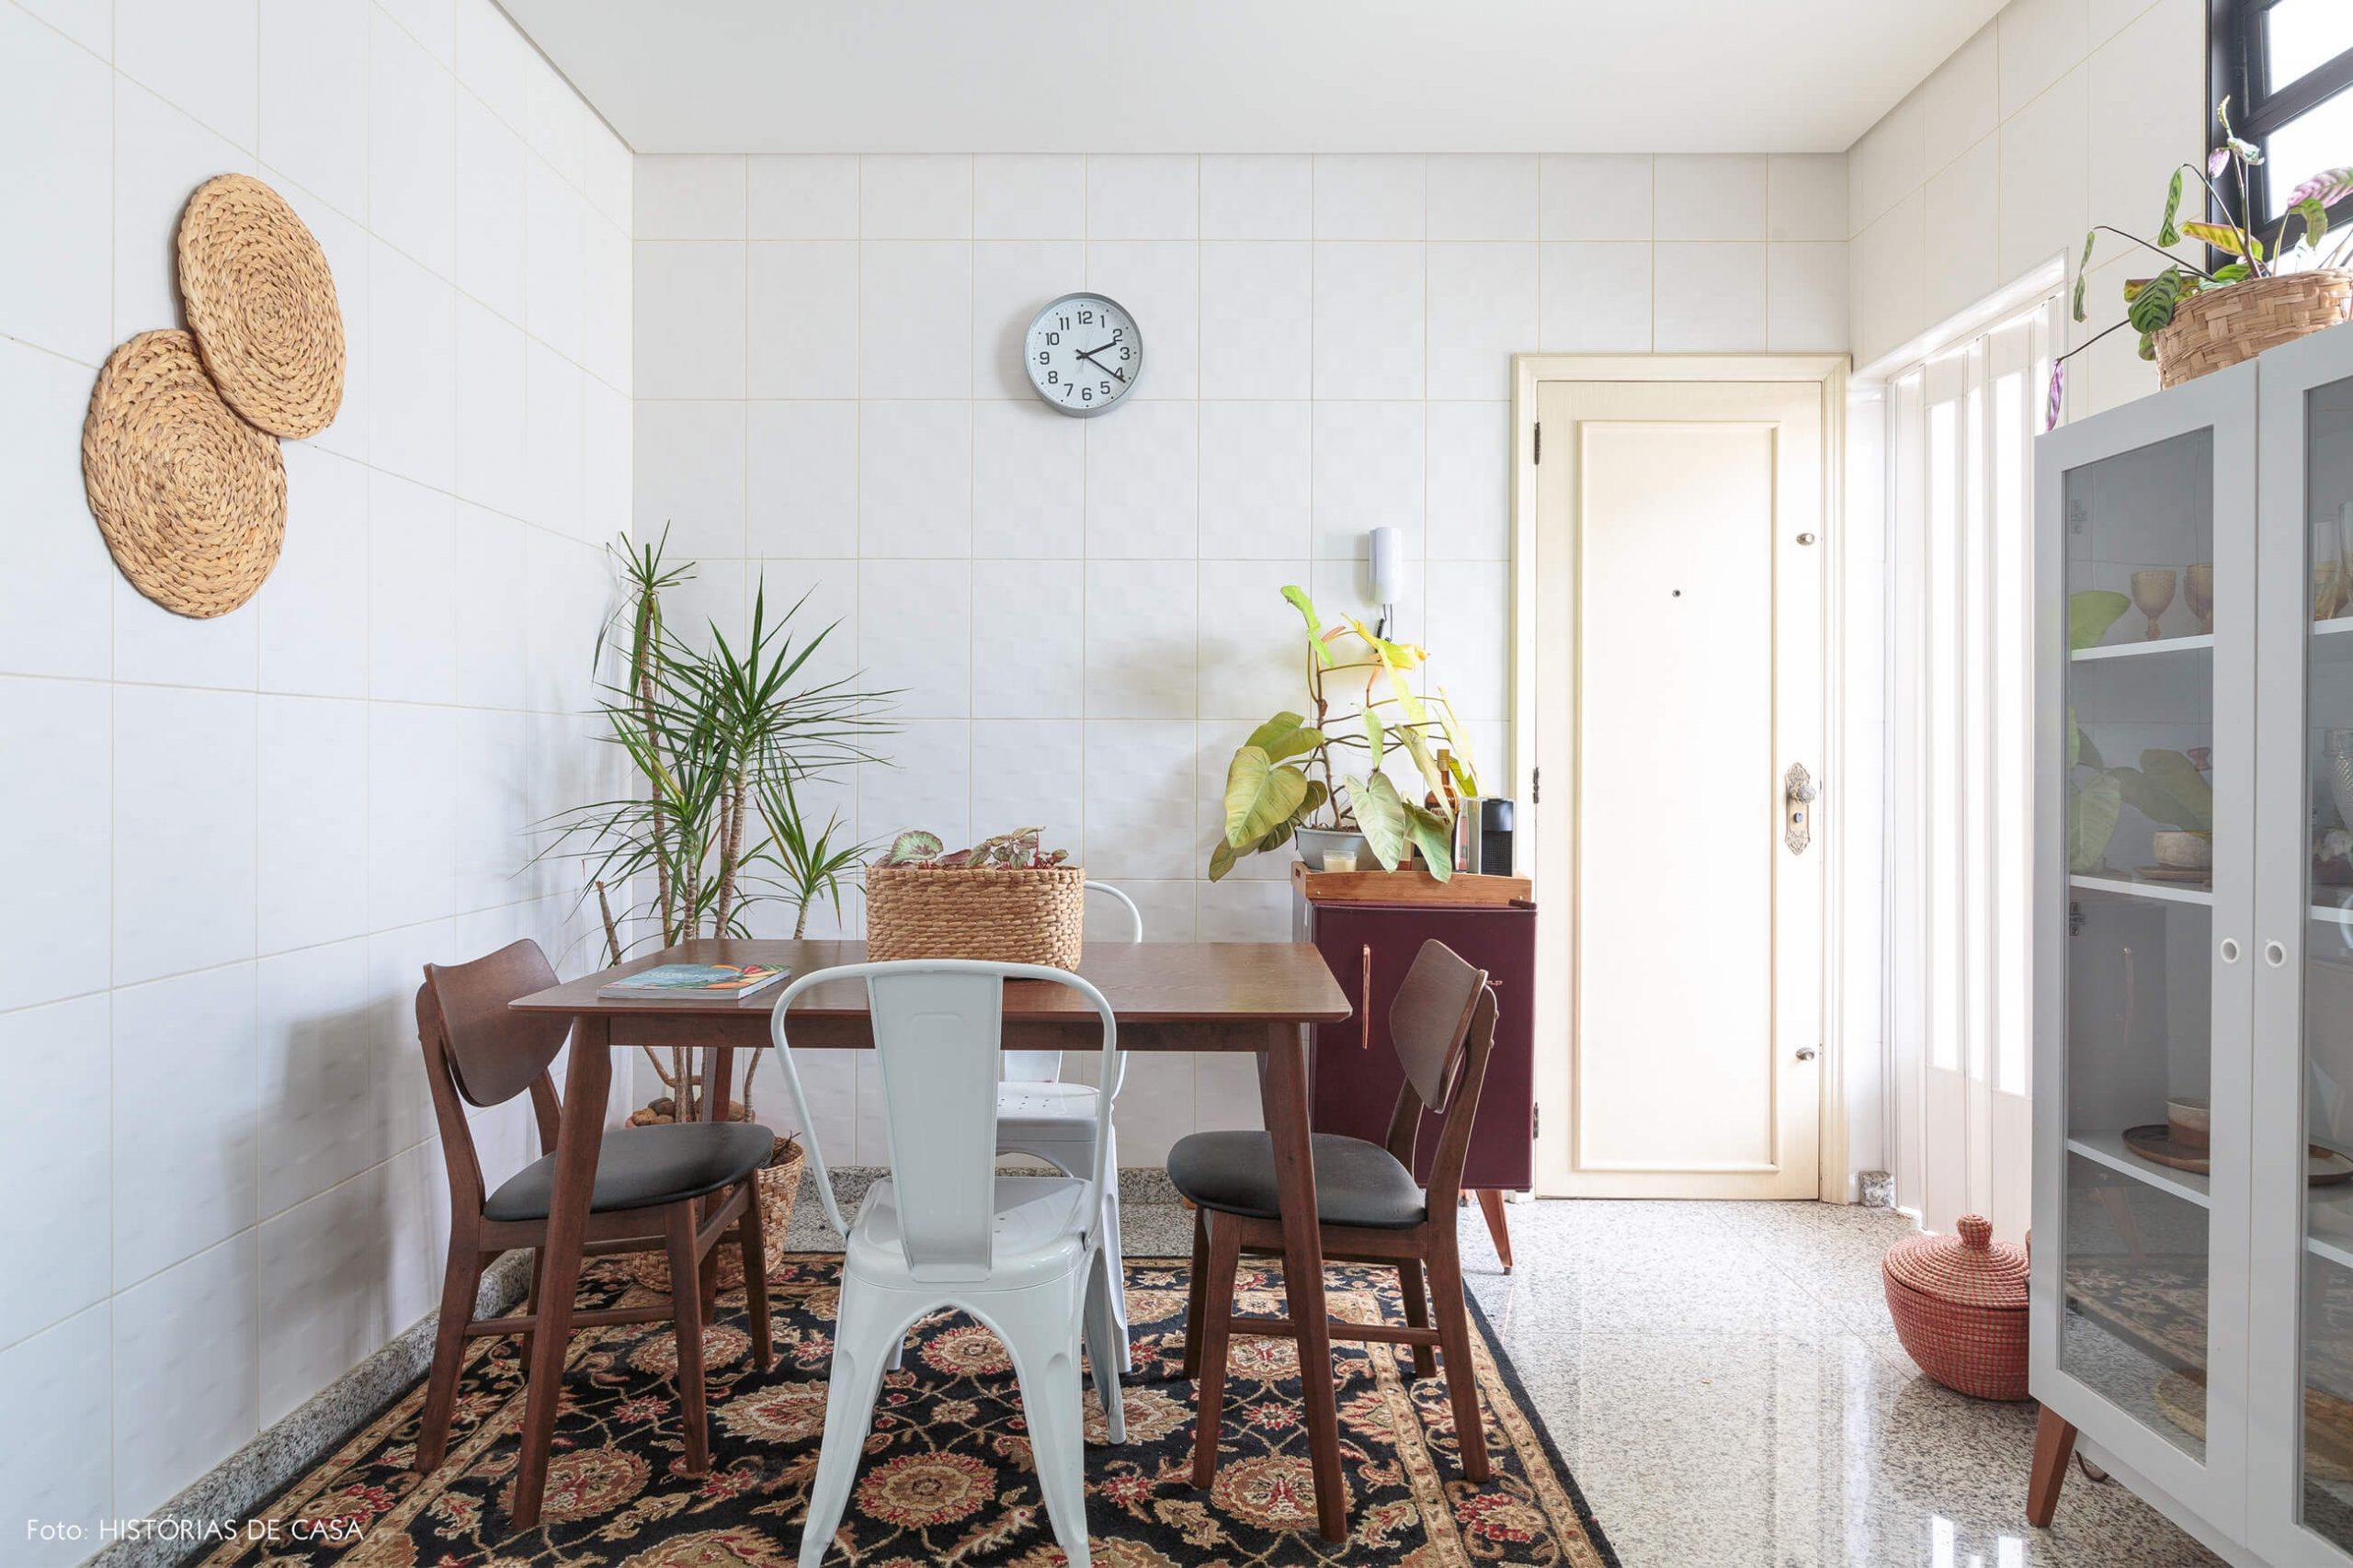 decoração cozinha com mesa de madeira escura, objeots palha e tapete estampado